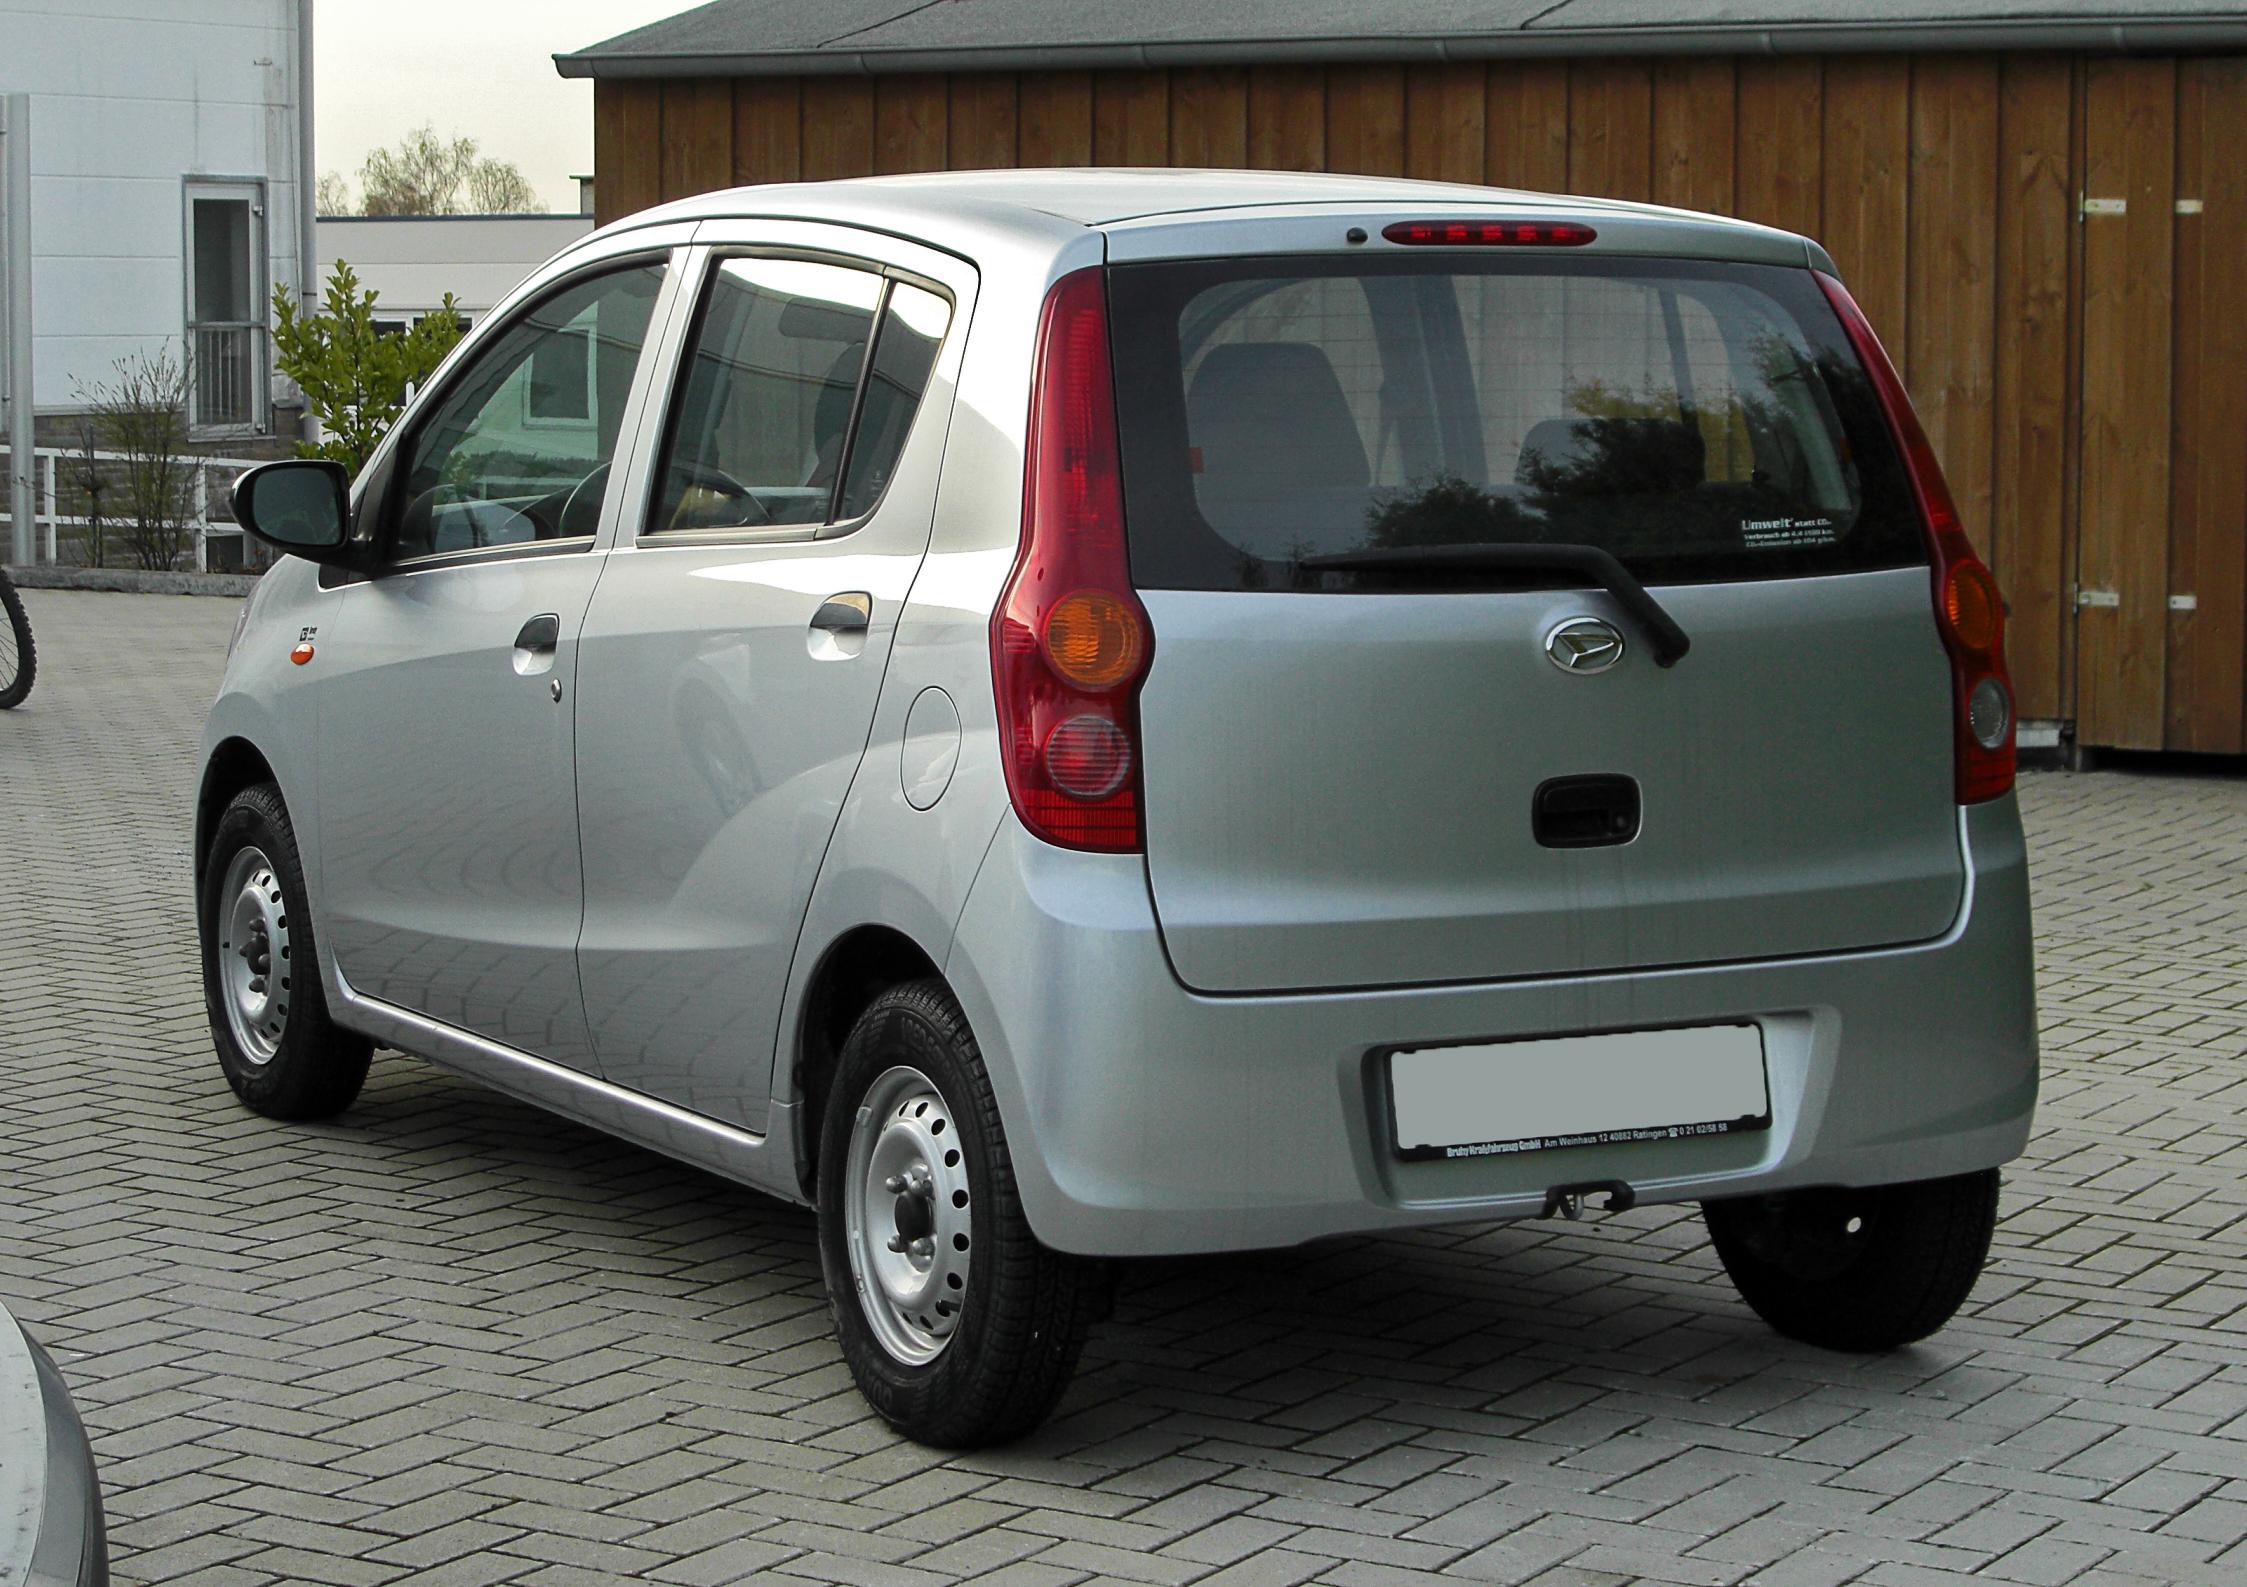 File:Daihatsu Cuore 1.0 (L276)